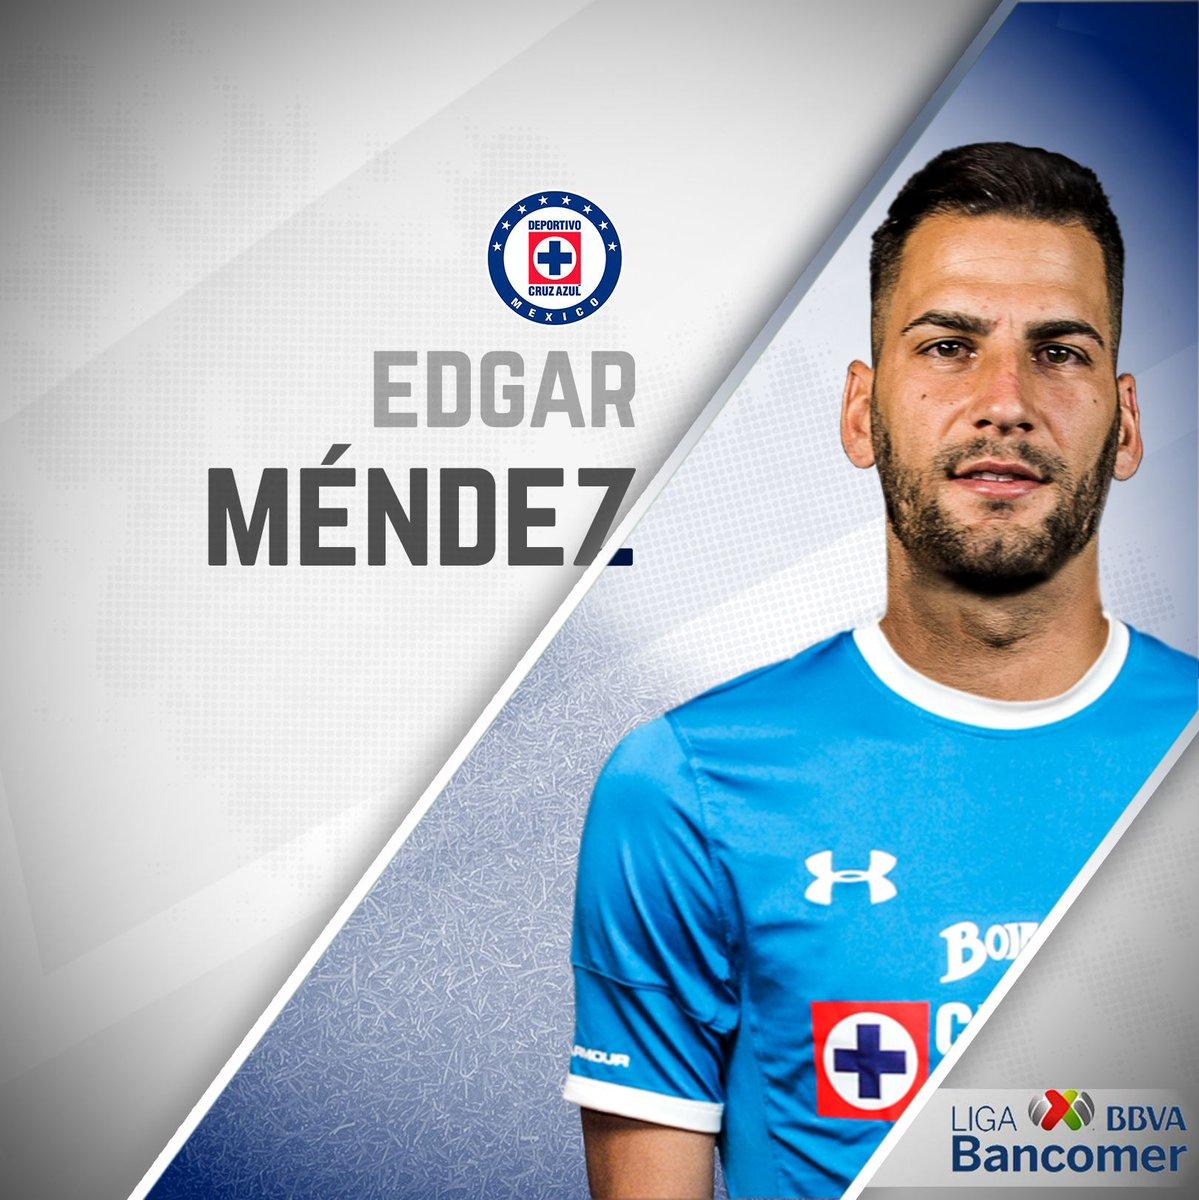 Edgar Méndez se incorpora de cara al Apertura 2017. 🇪🇸 ¡Bienvenido a La Máquina! 🚂 https://t.co/VzTlhpBKvv